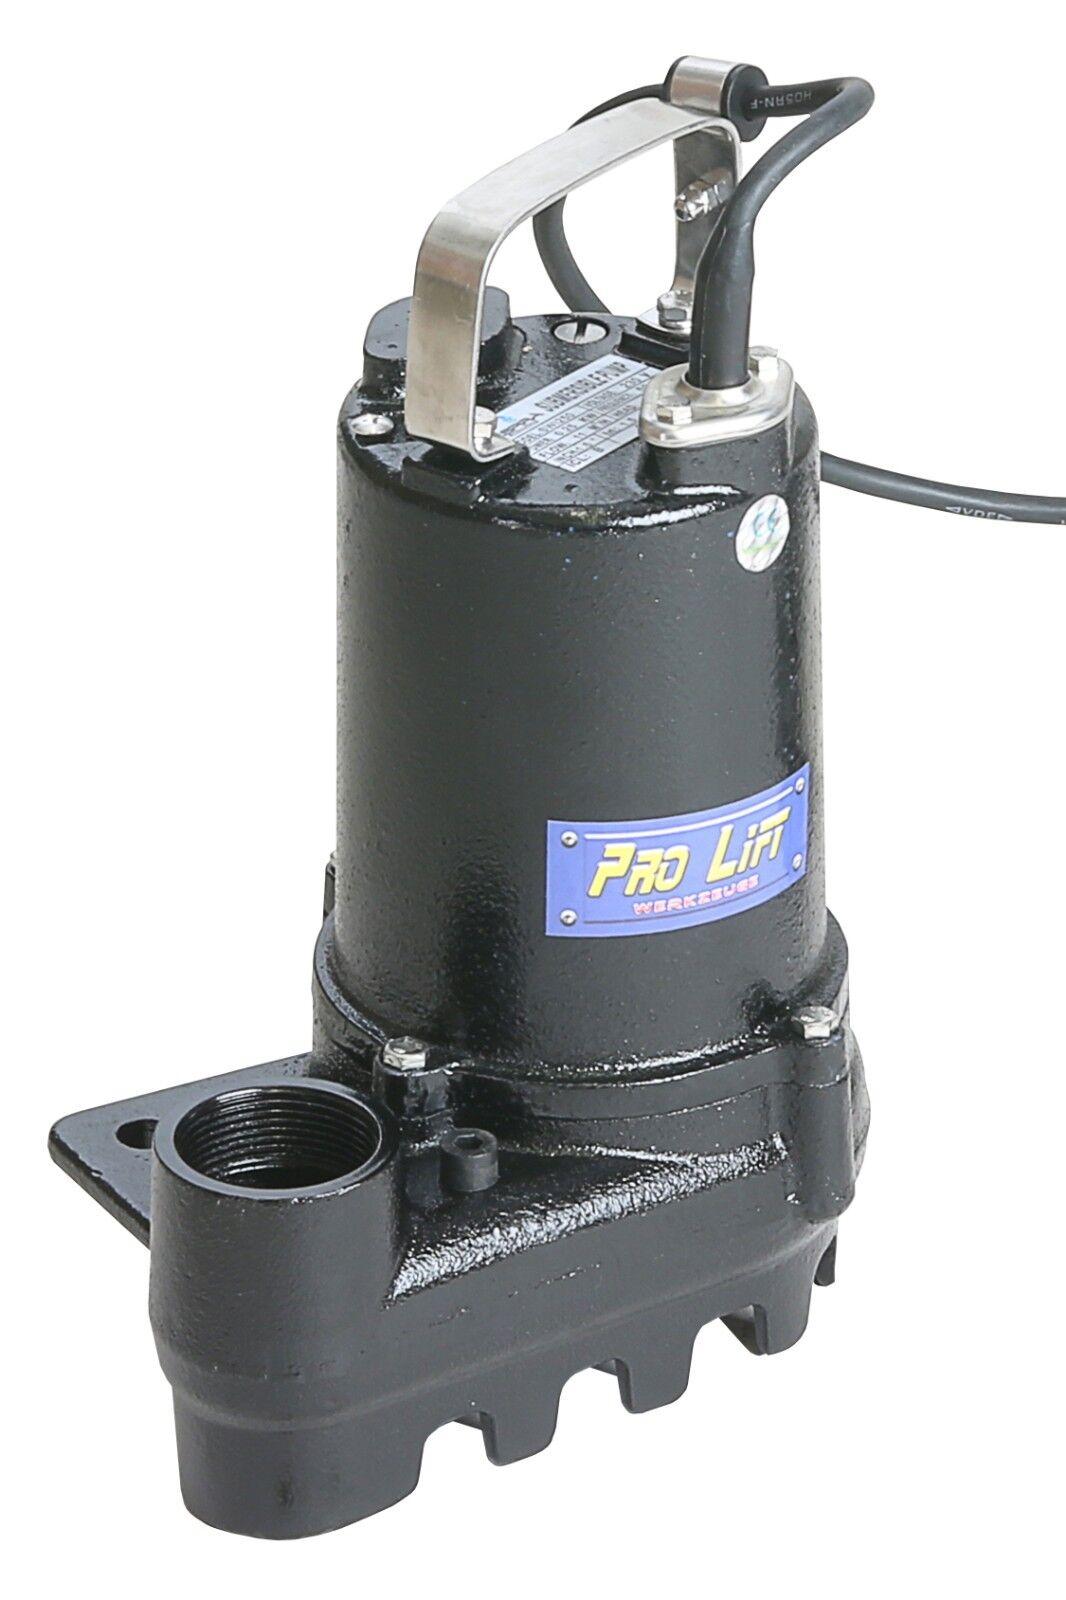 250w 11m³ h pompa sommersa acqua sporca pompa da giardino pompa acqua piovana swi250j 02273